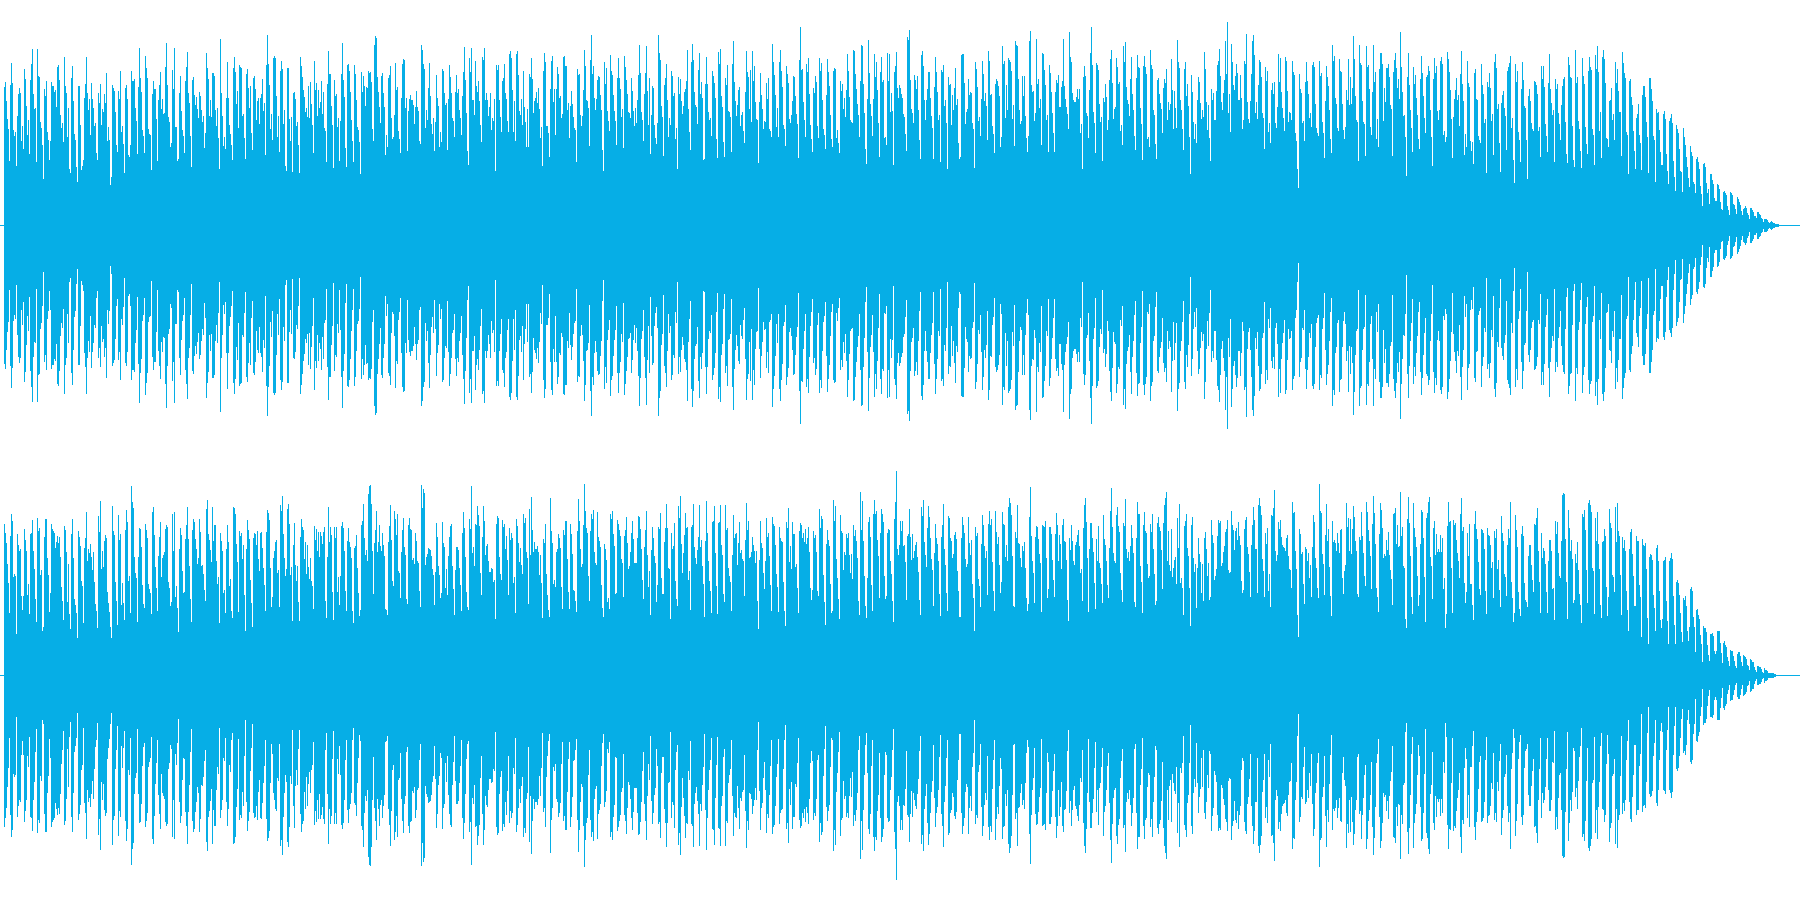 シンセベースが印象的なSFチックBGMの再生済みの波形